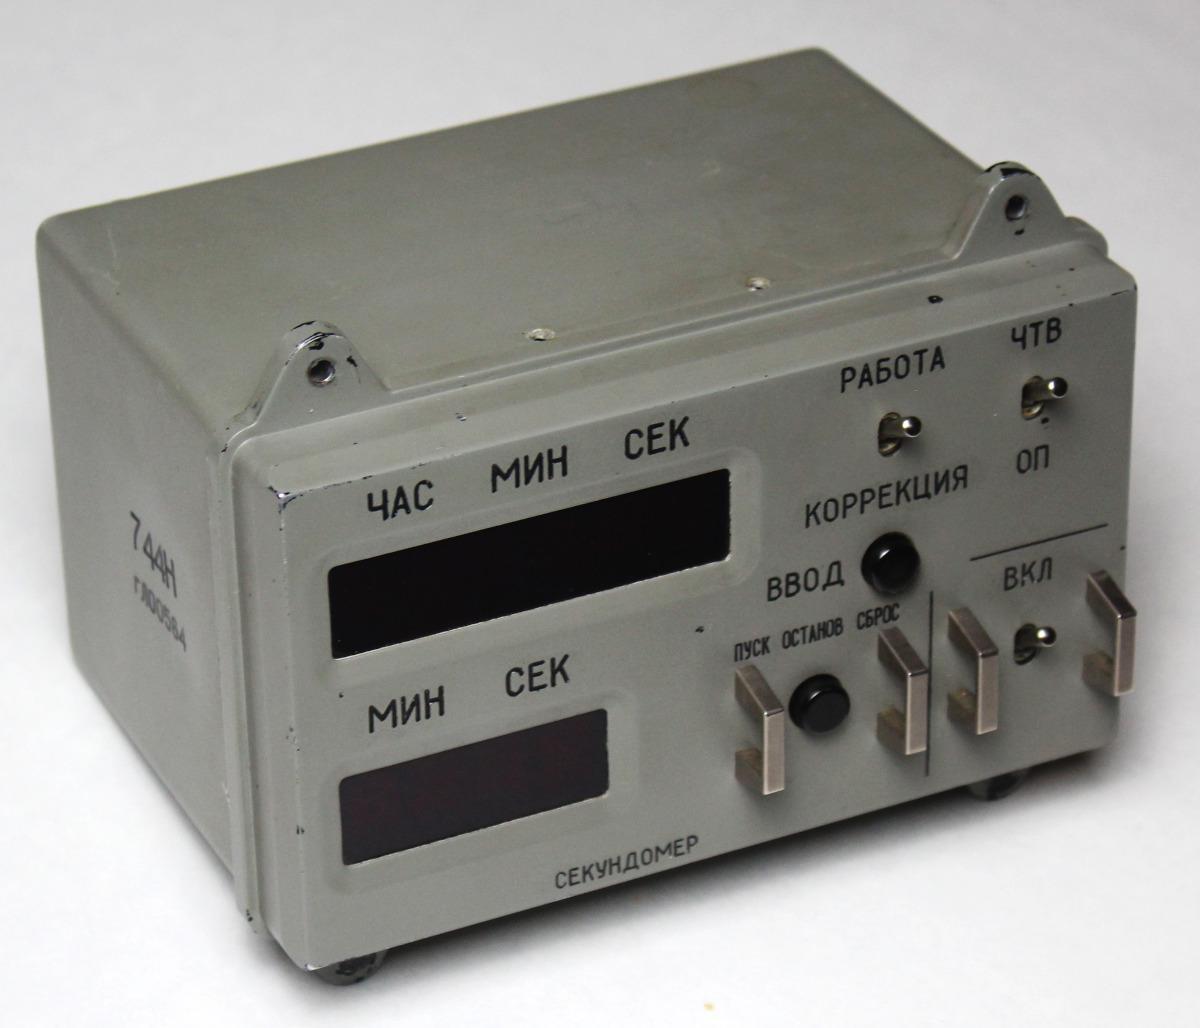 Разбираем цифровые часы с космического корабля «Союз» - 1